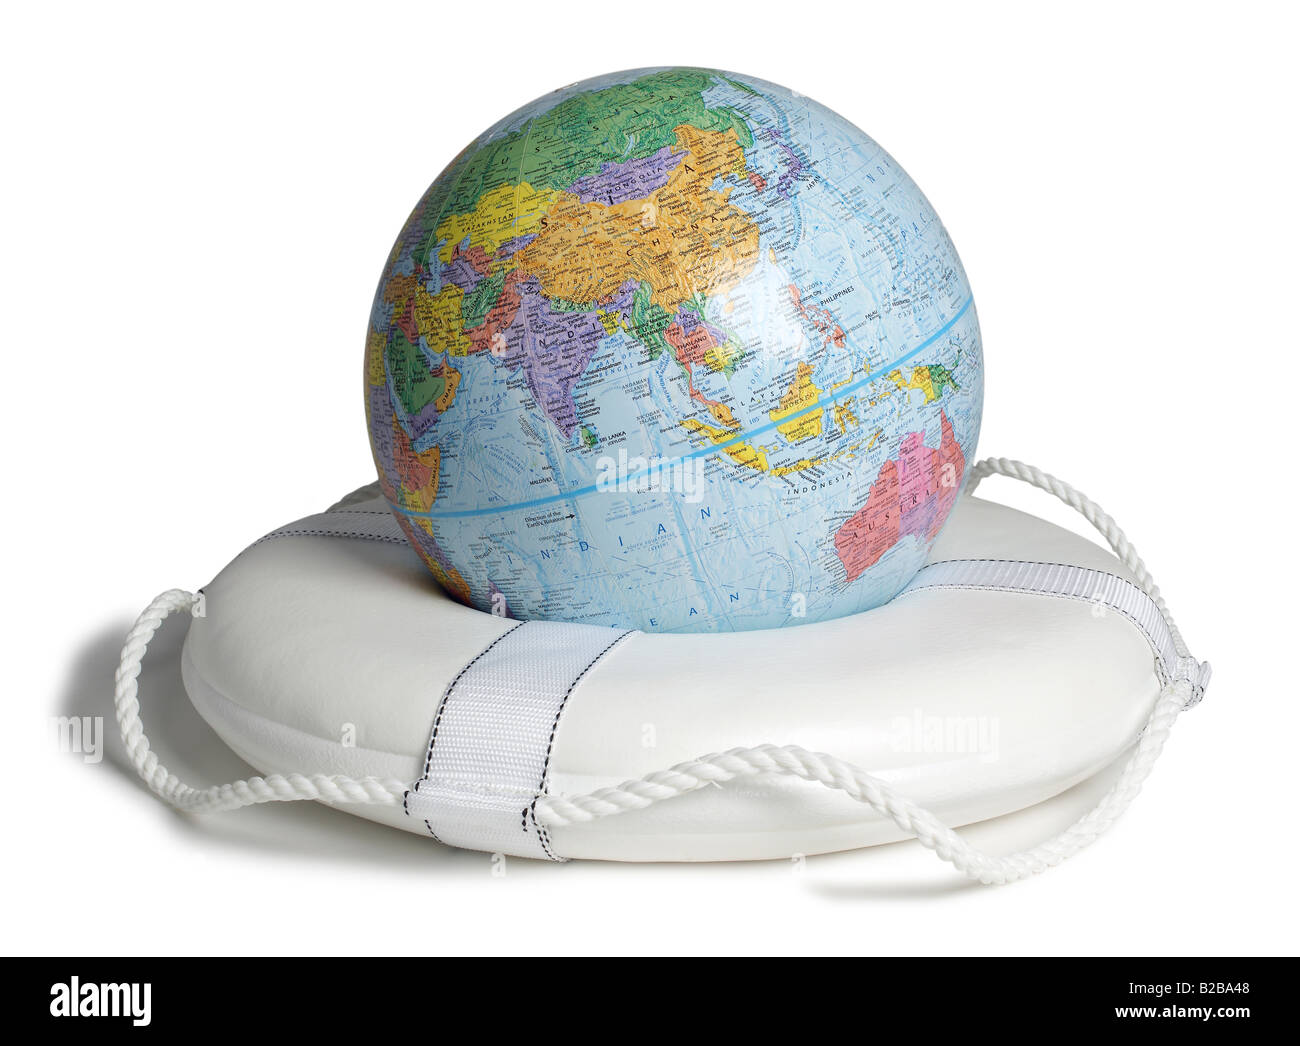 Gilet de sauvetage Globe world globe Photo Stock